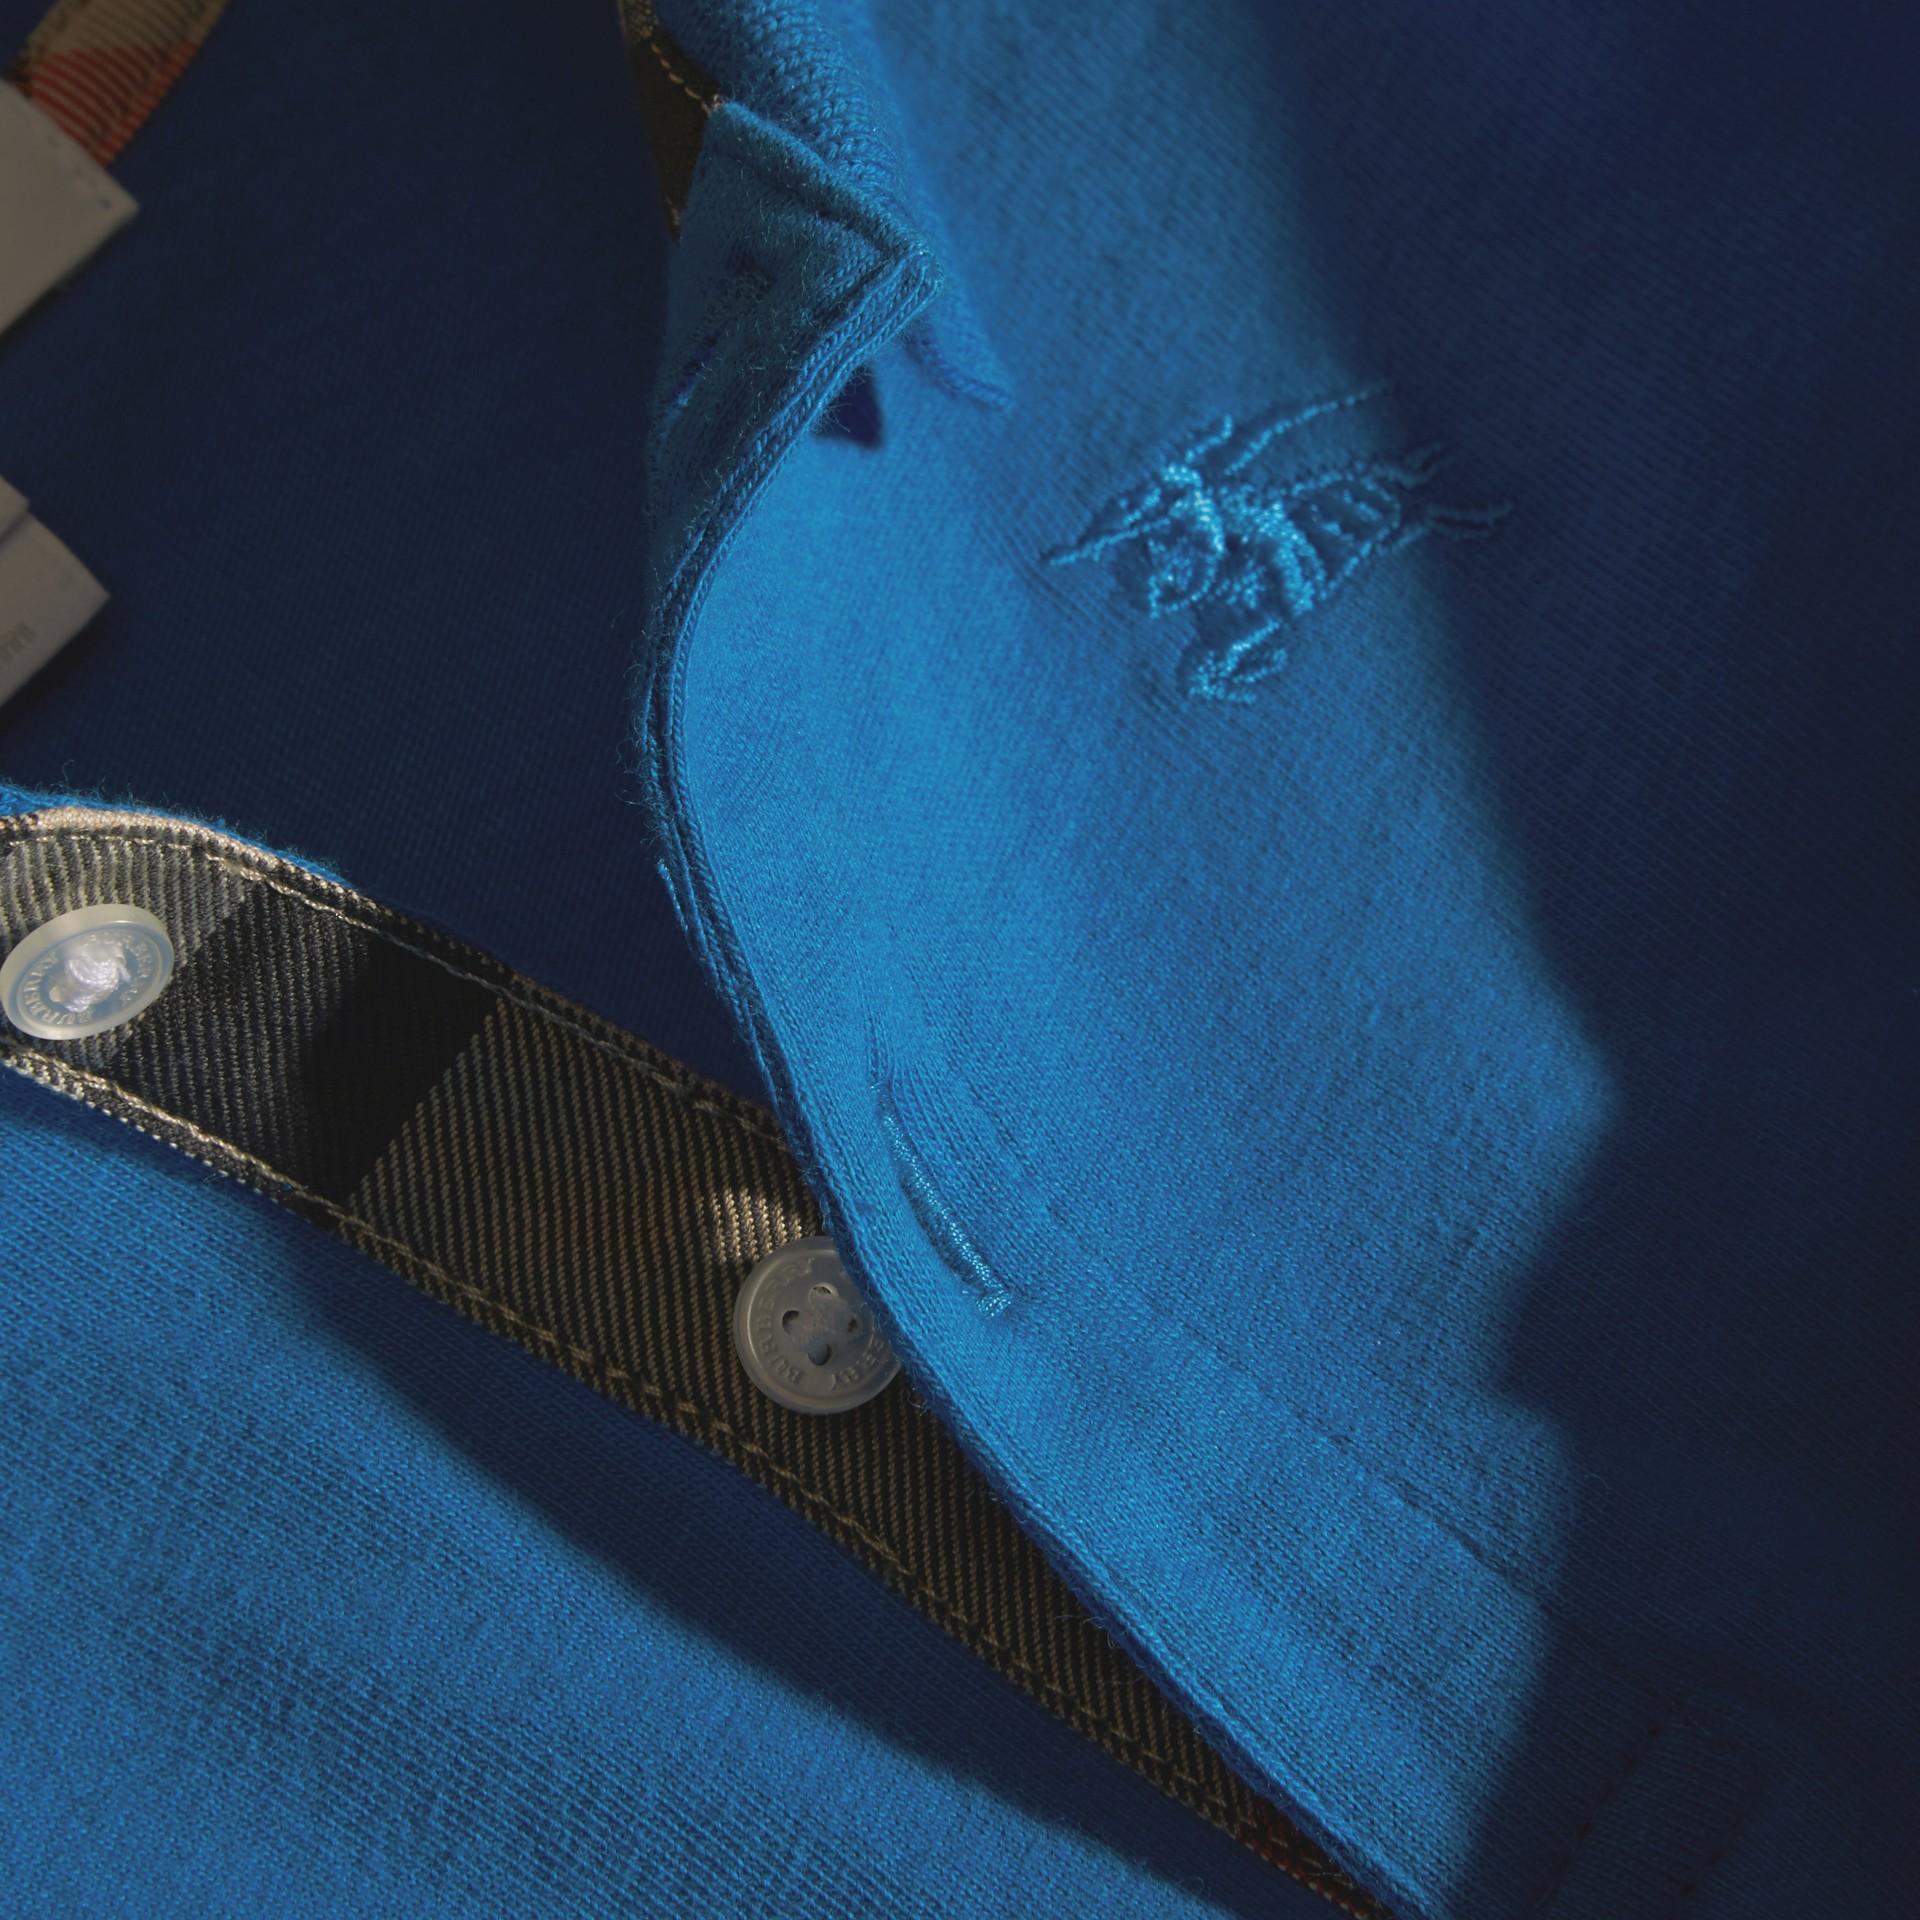 브라이트 오팔 체크 트리밍 롱 슬리브 코튼 폴로 셔츠 브라이트 오팔 - 갤러리 이미지 2